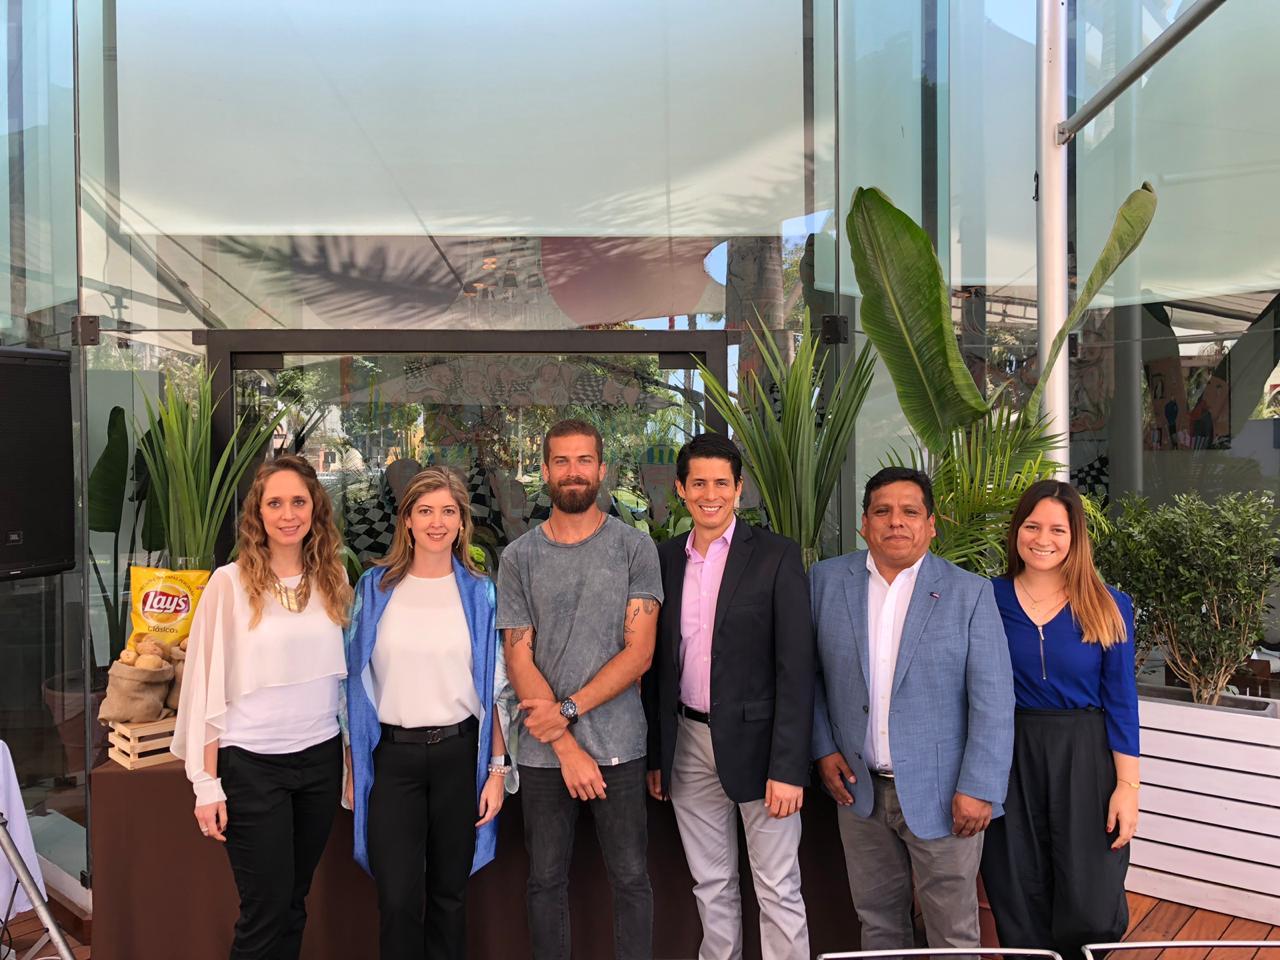 Pepsico reafirma su compromiso con el agro peruano de acuerdo a su agenda al 2025